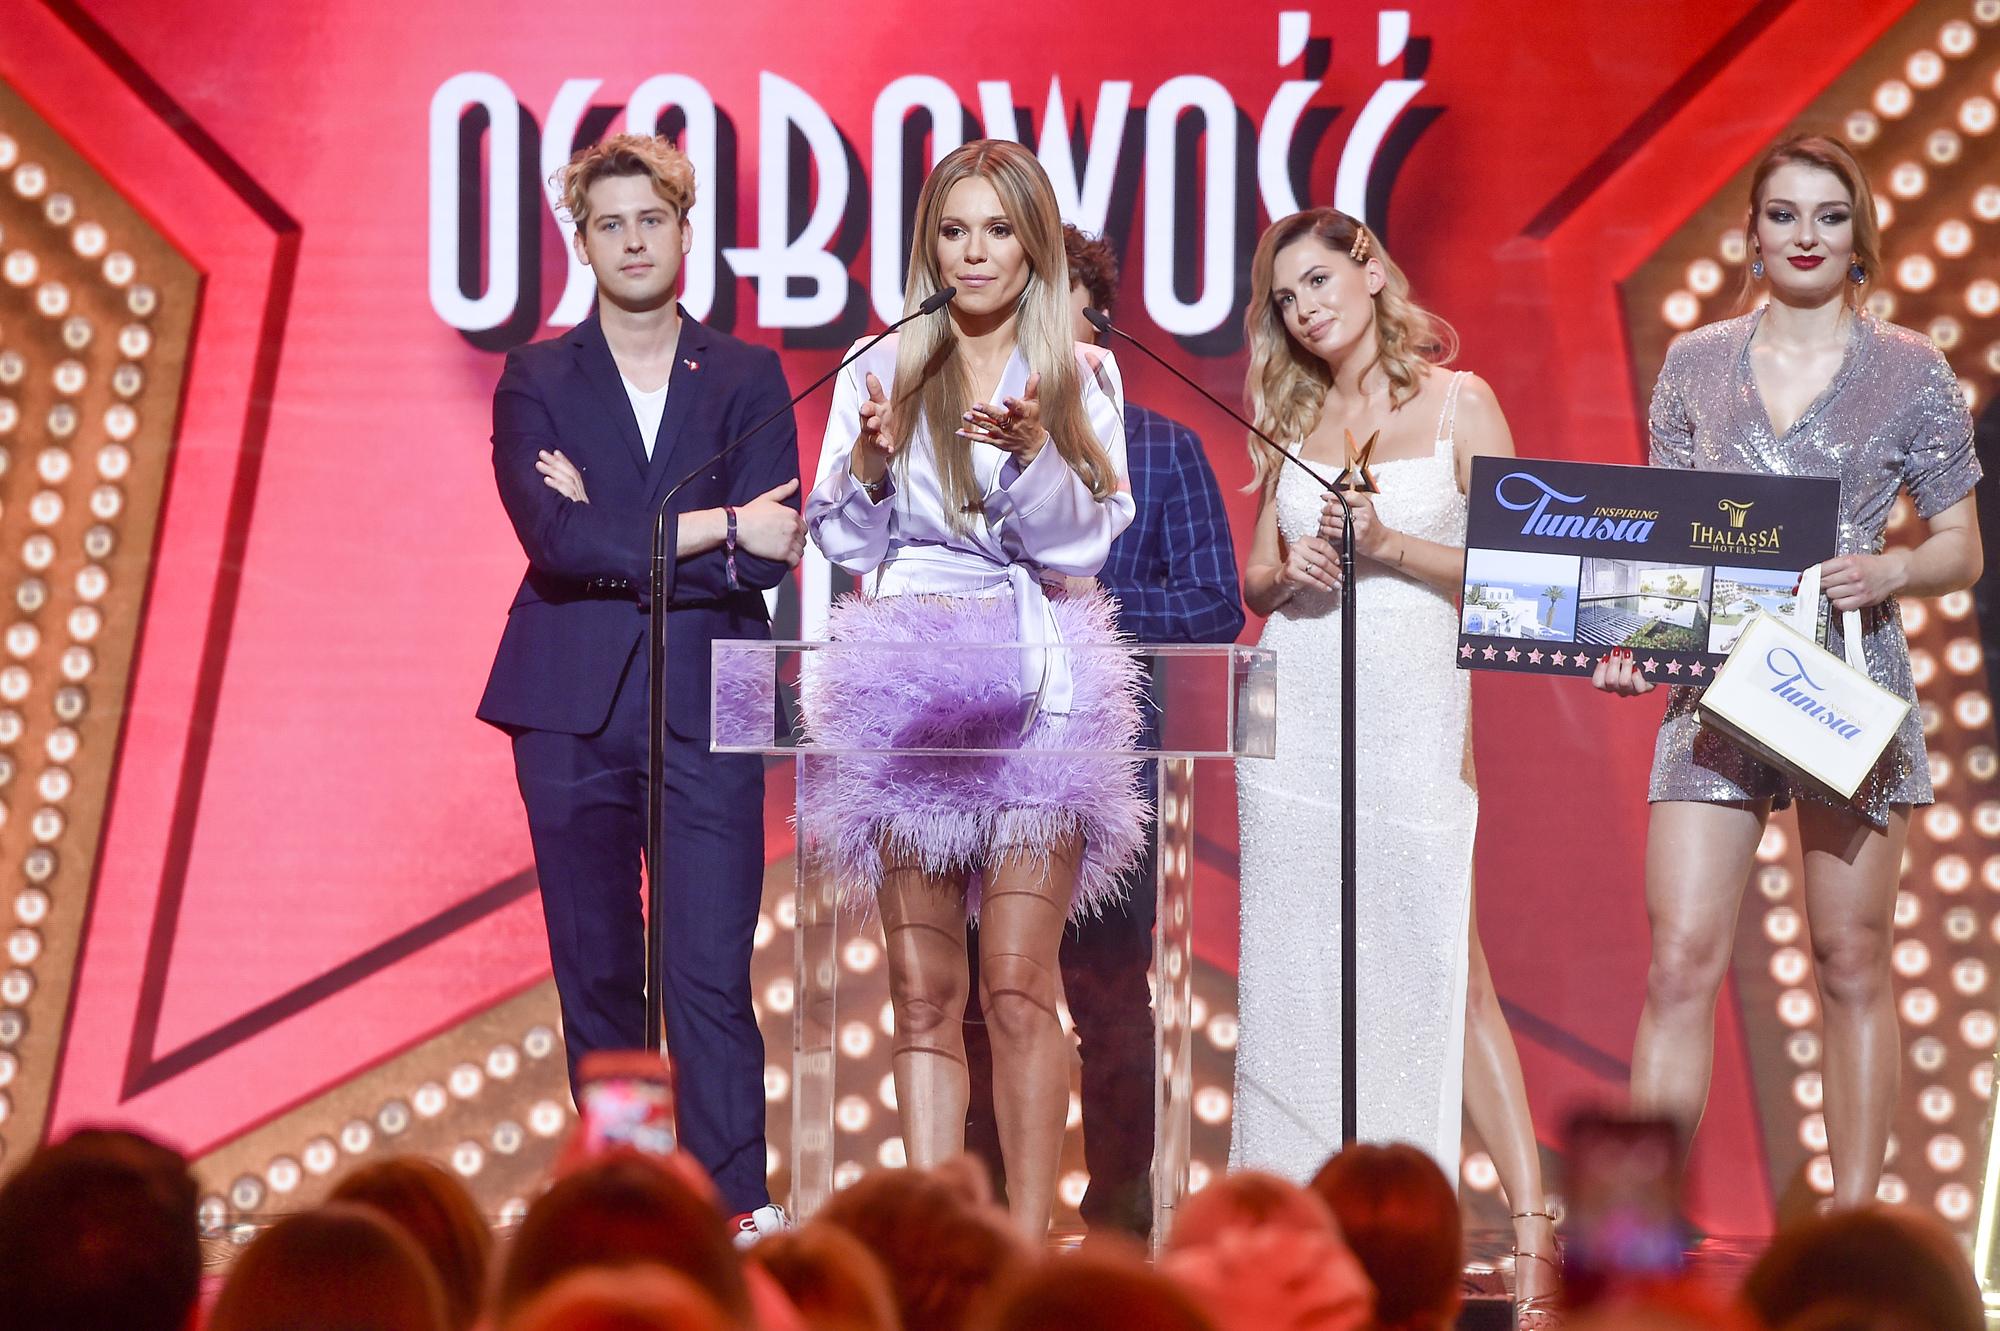 scena z: Agnieszka Hyży, Doda, fot. Jacek Kurnikowski/AKPA